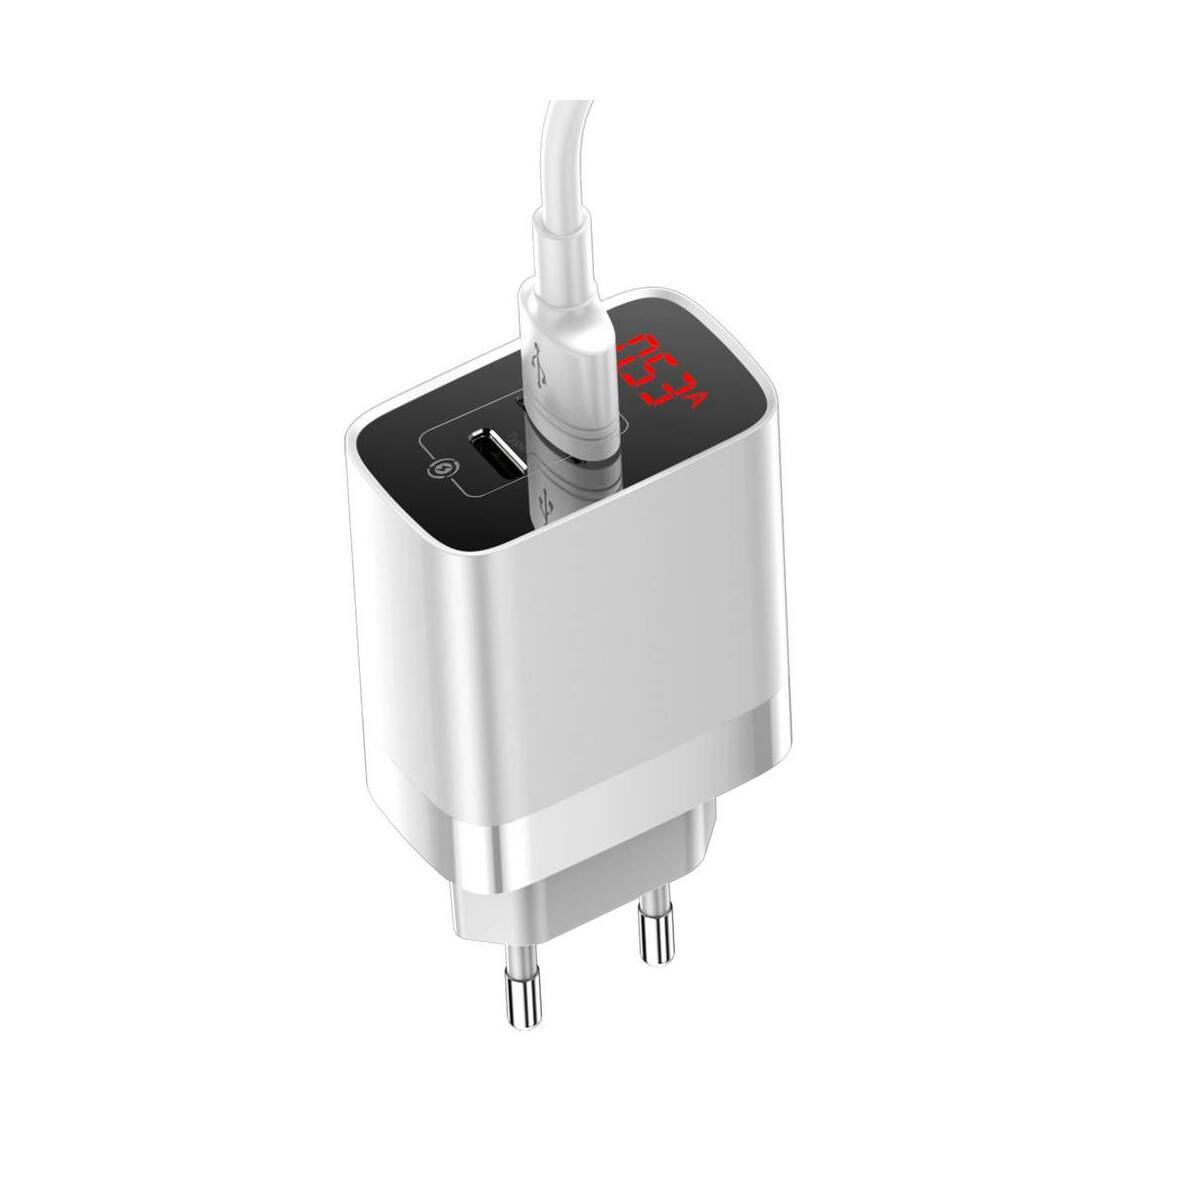 Baseus Hálózati töltő, Mirror Lake PPS digitális kijelző, gyors töltő, A+C EU, 15W, 3A, fehér (CCJMHC-A02)